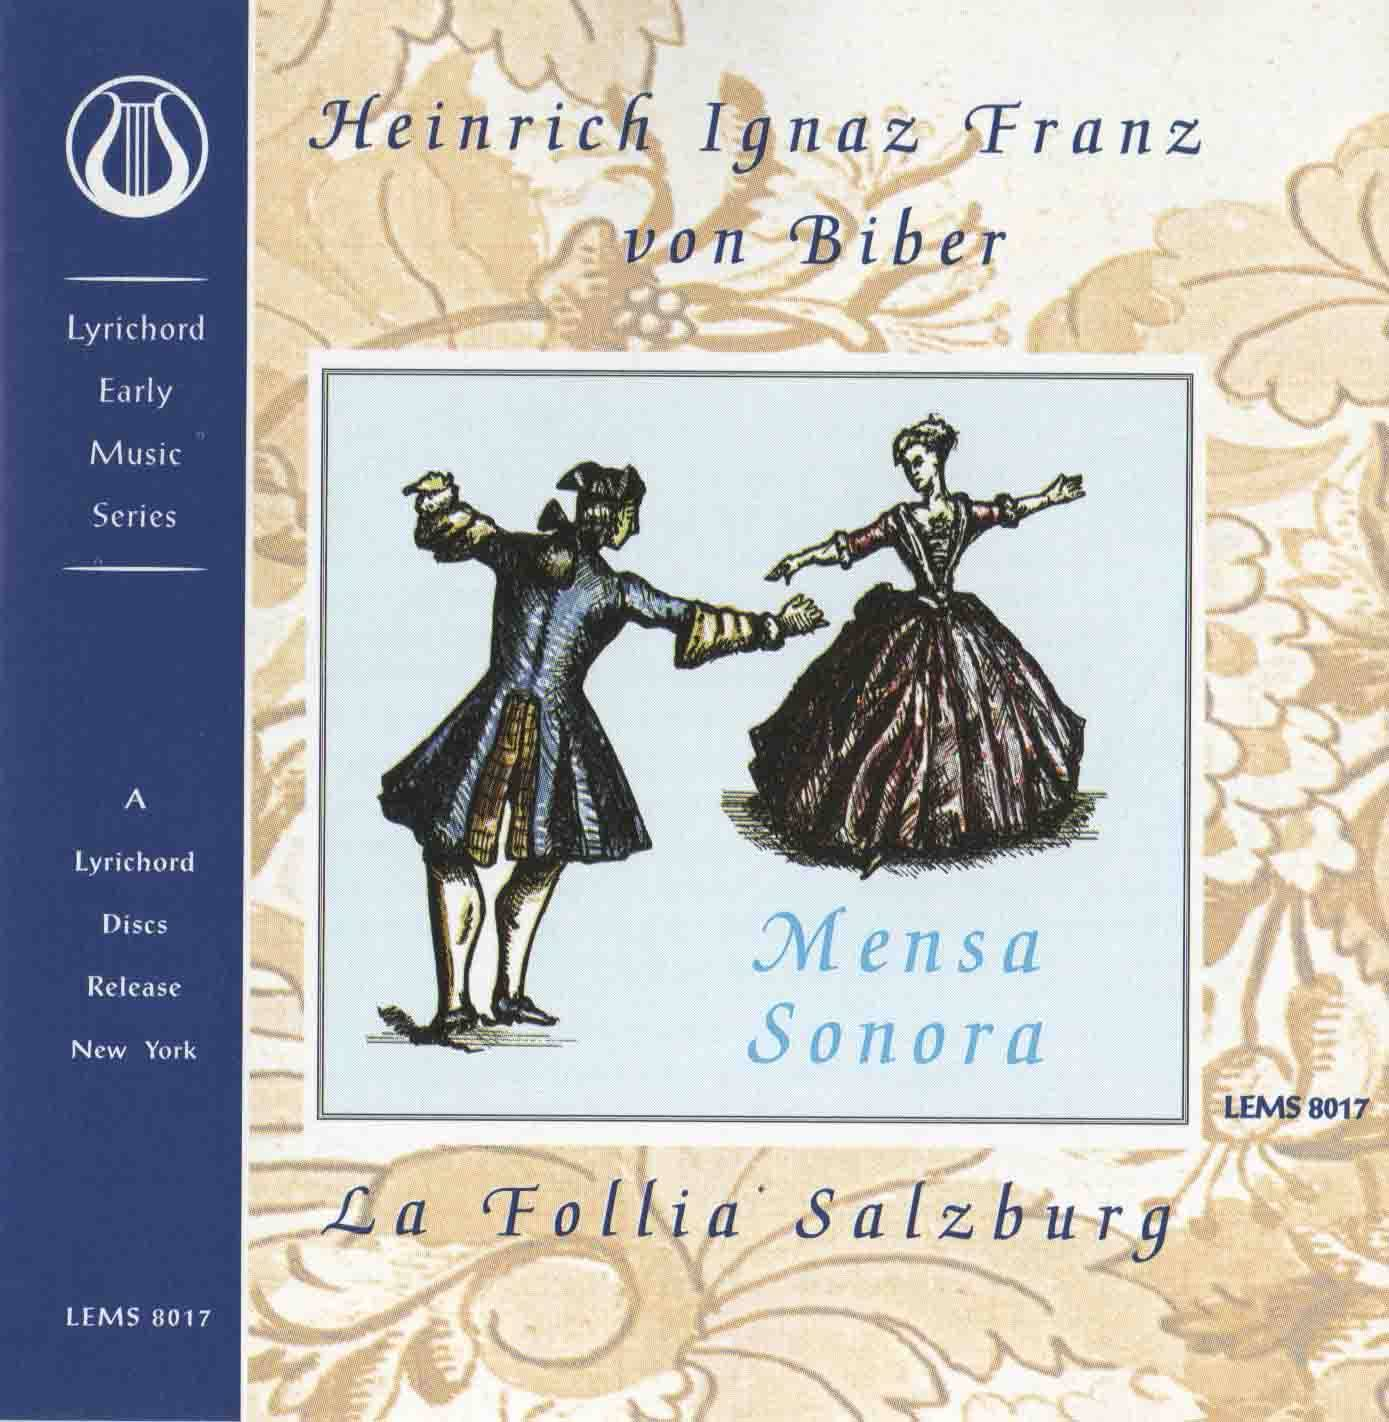 Heinrich Ignaz Franz von Biber - Mensa Sonora